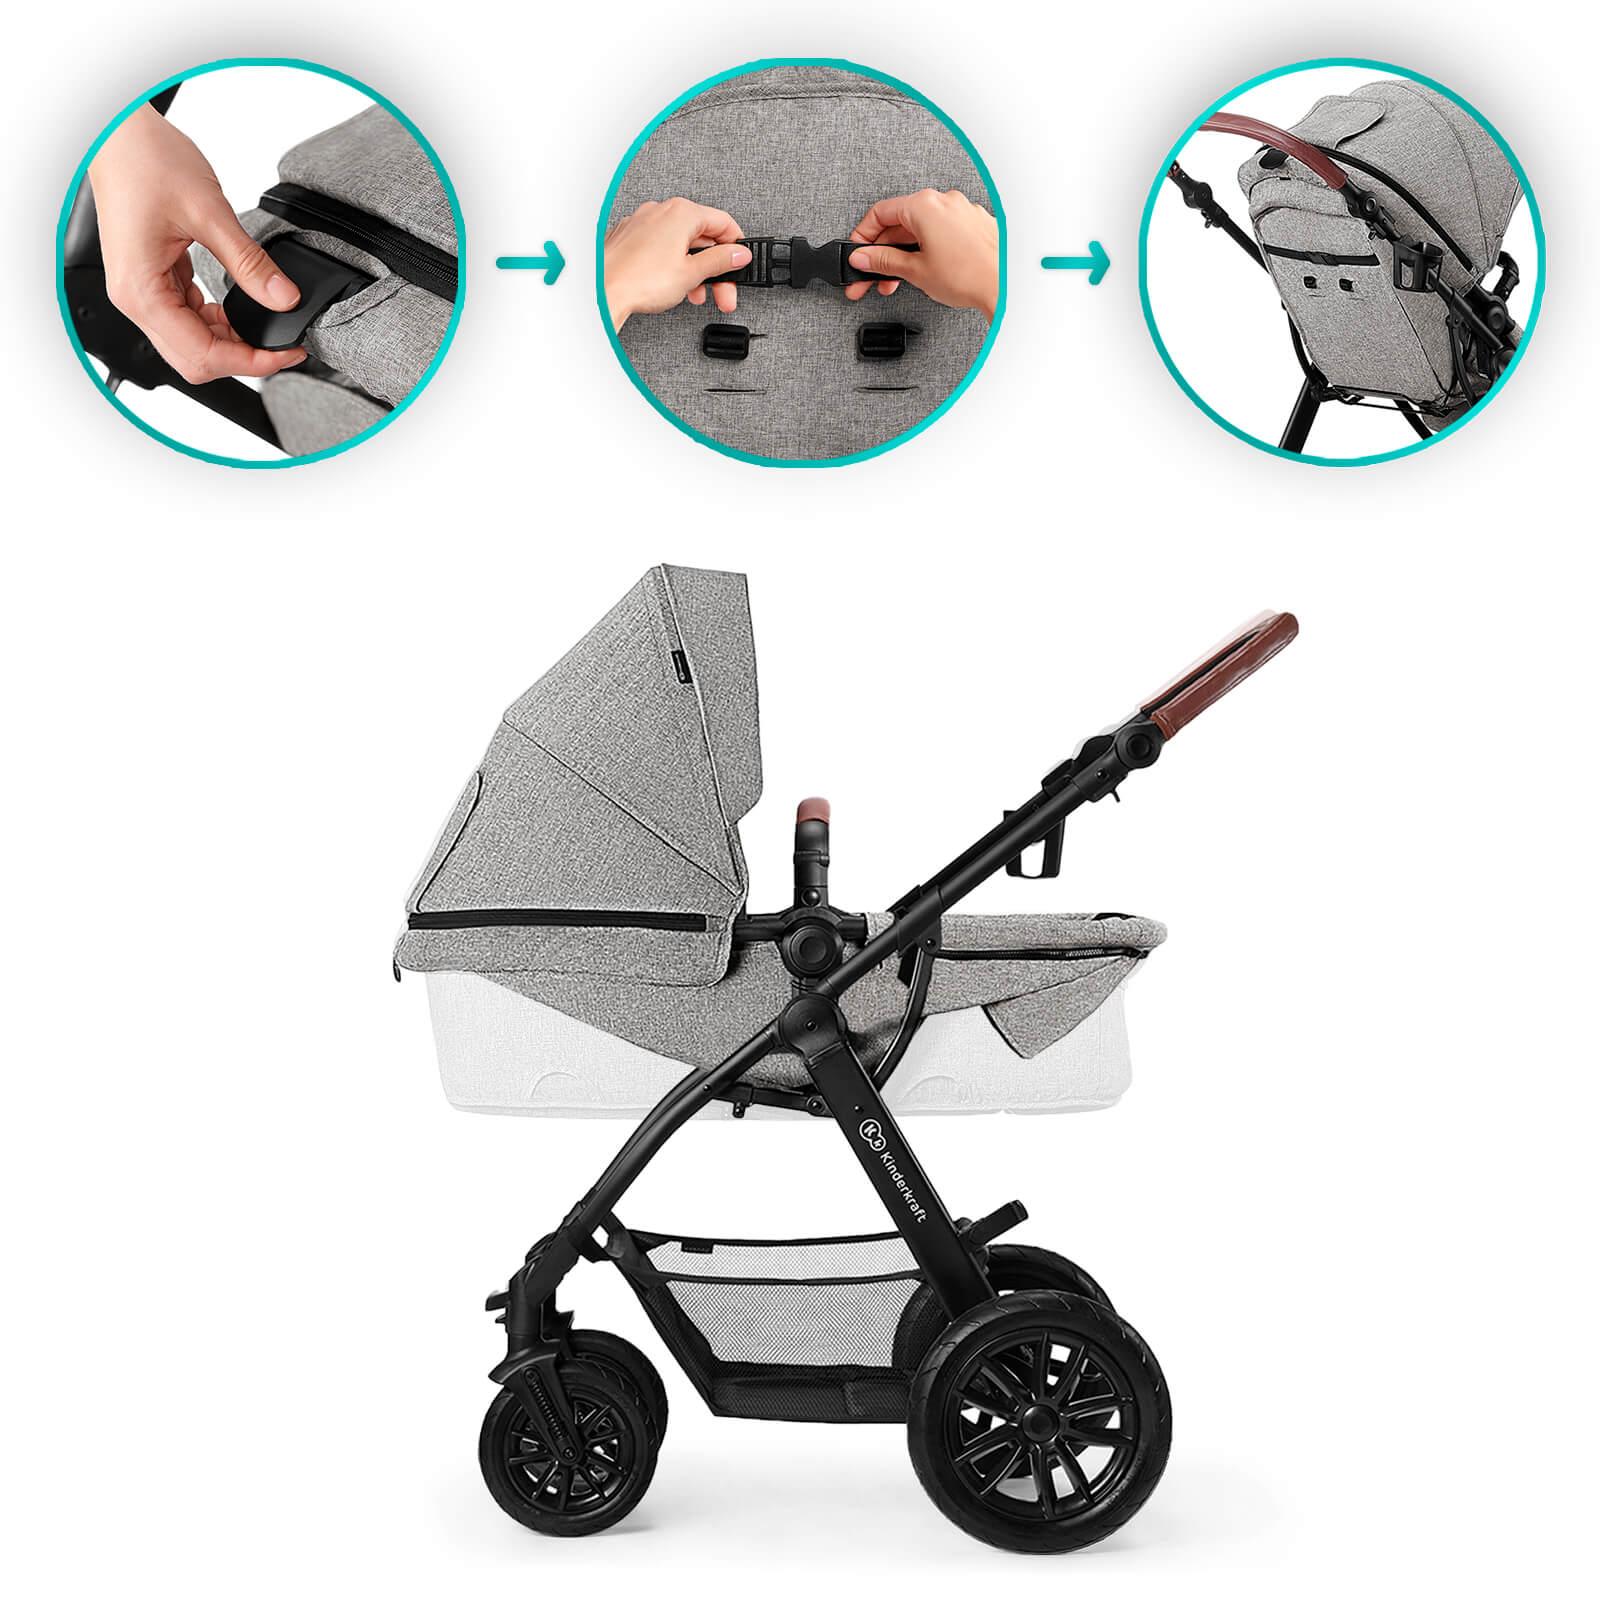 Cochecito Bebe Kinderkraft Xmoov 3 en 1 .Comprar a precio online